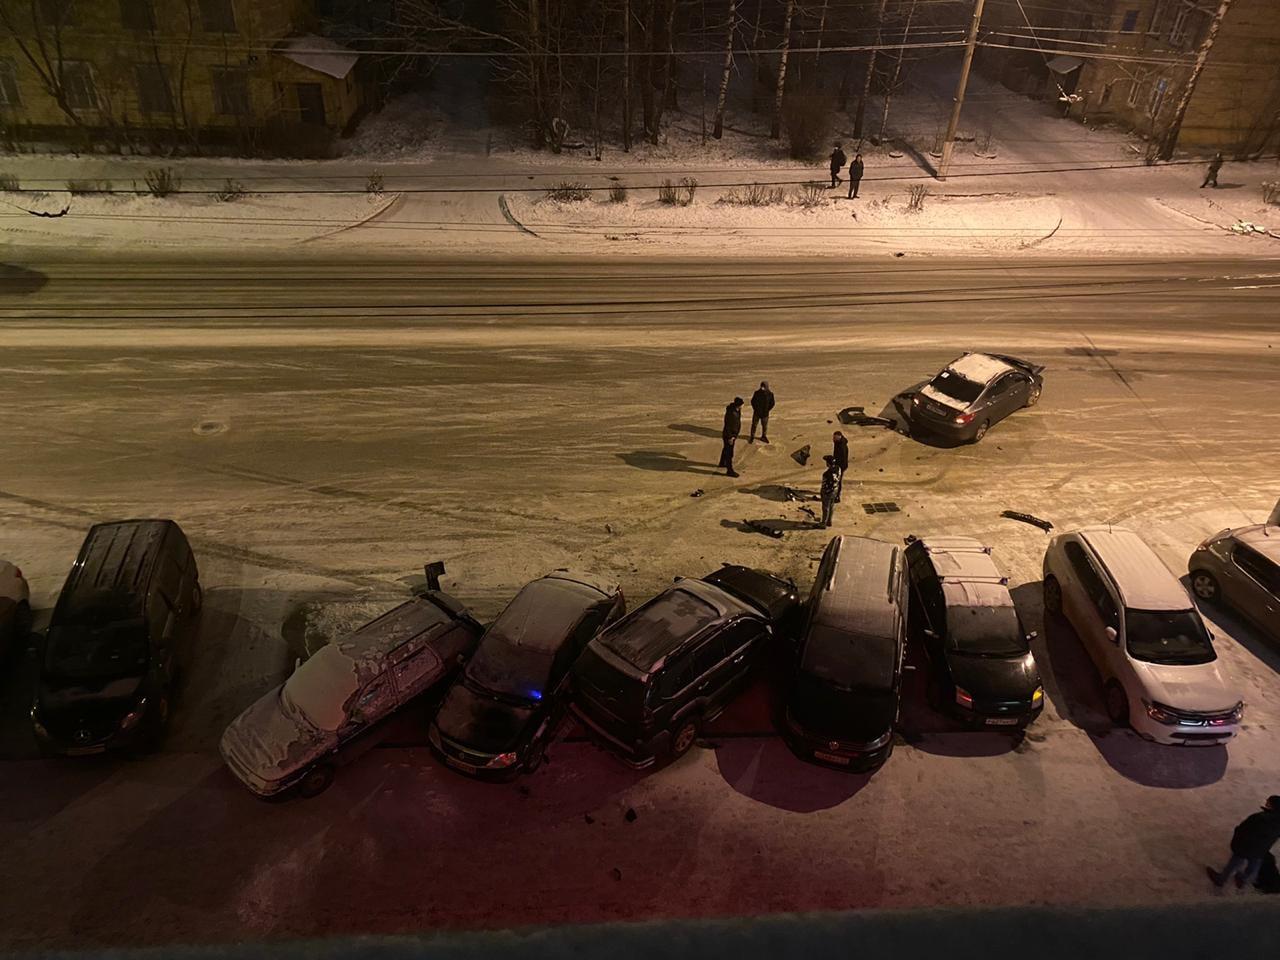 В Твери лихач протаранил пять автомобилей - новости Афанасий